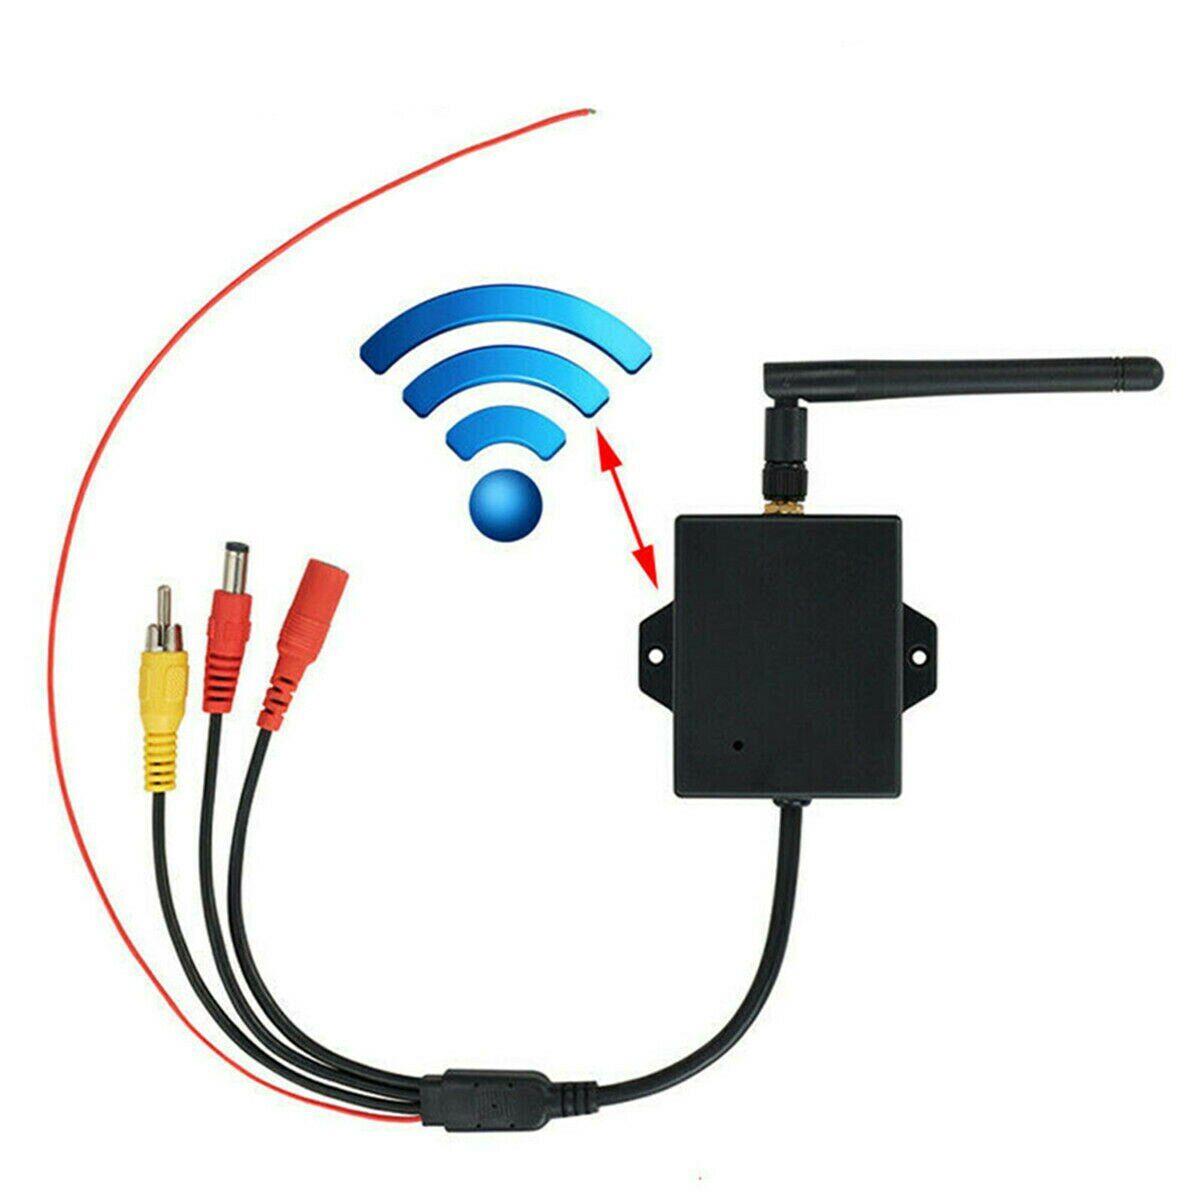 AliExpress Caméra de sauvegarde pour voiture avec Module émetteur sans fil WiFi, Kit de vue arrière vidéo AV,